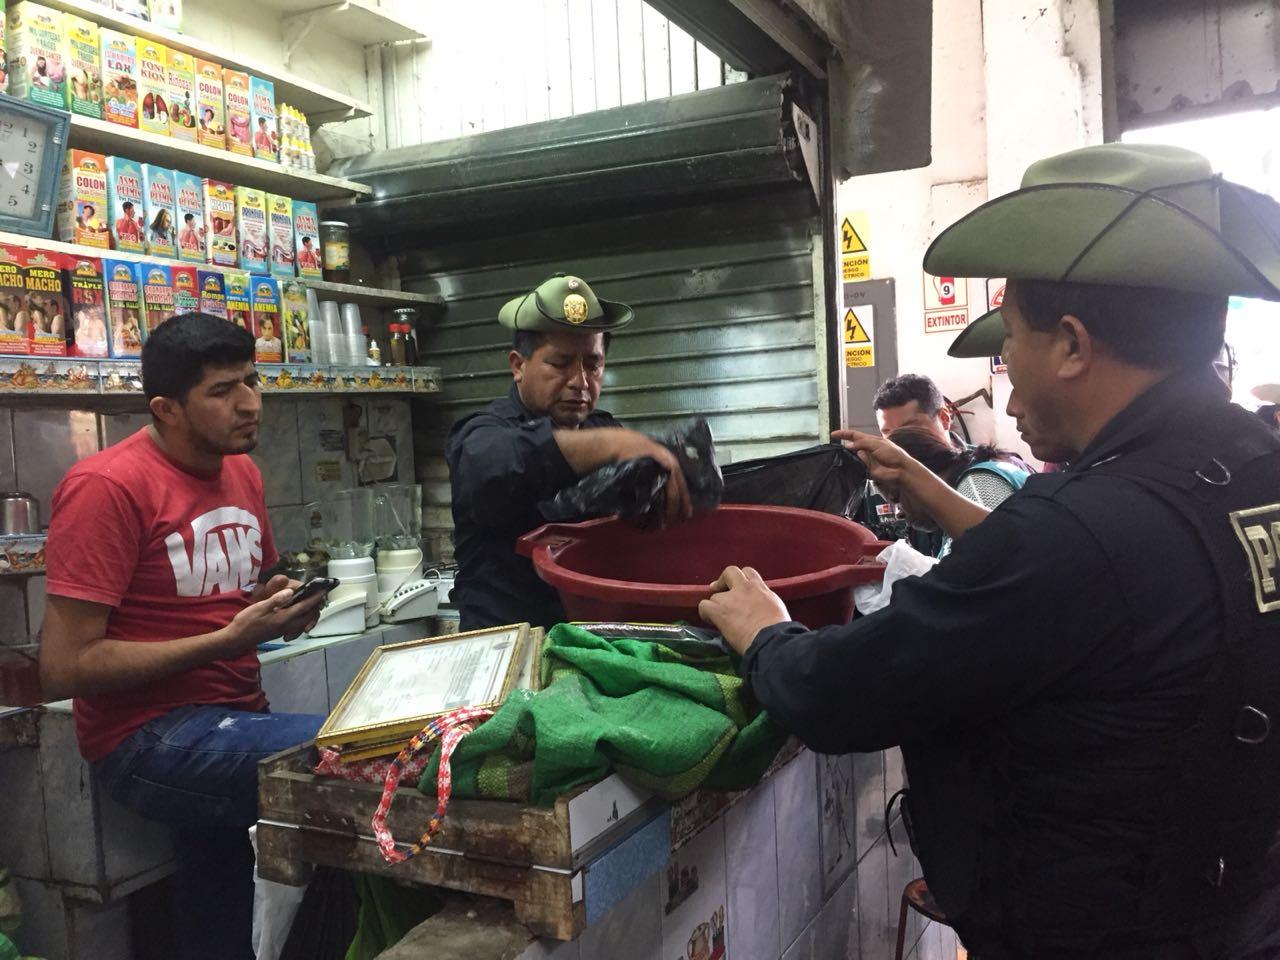 Los administradores de los stands fueron detenidos por el delito de tráfico ilegal de especies de flora y fauna silvestre protegida Foto: Dirección del Medio Ambiente de la Policía Nacional.